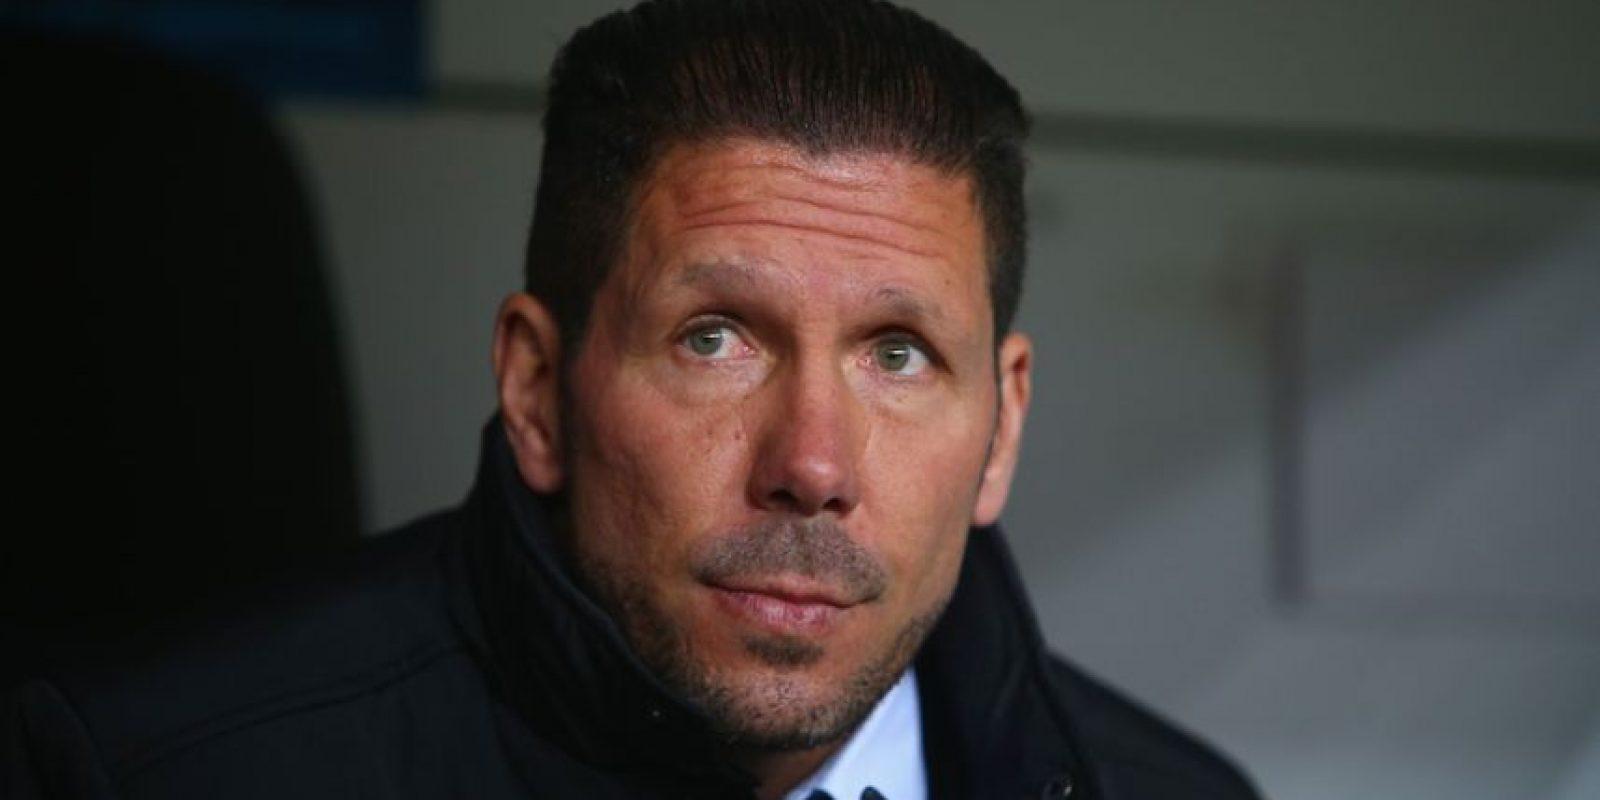 Con la renovación de su contrato, el técnico del Atlético de Madrid español ganará 6 millones de euros anuales. Foto:Getty Images